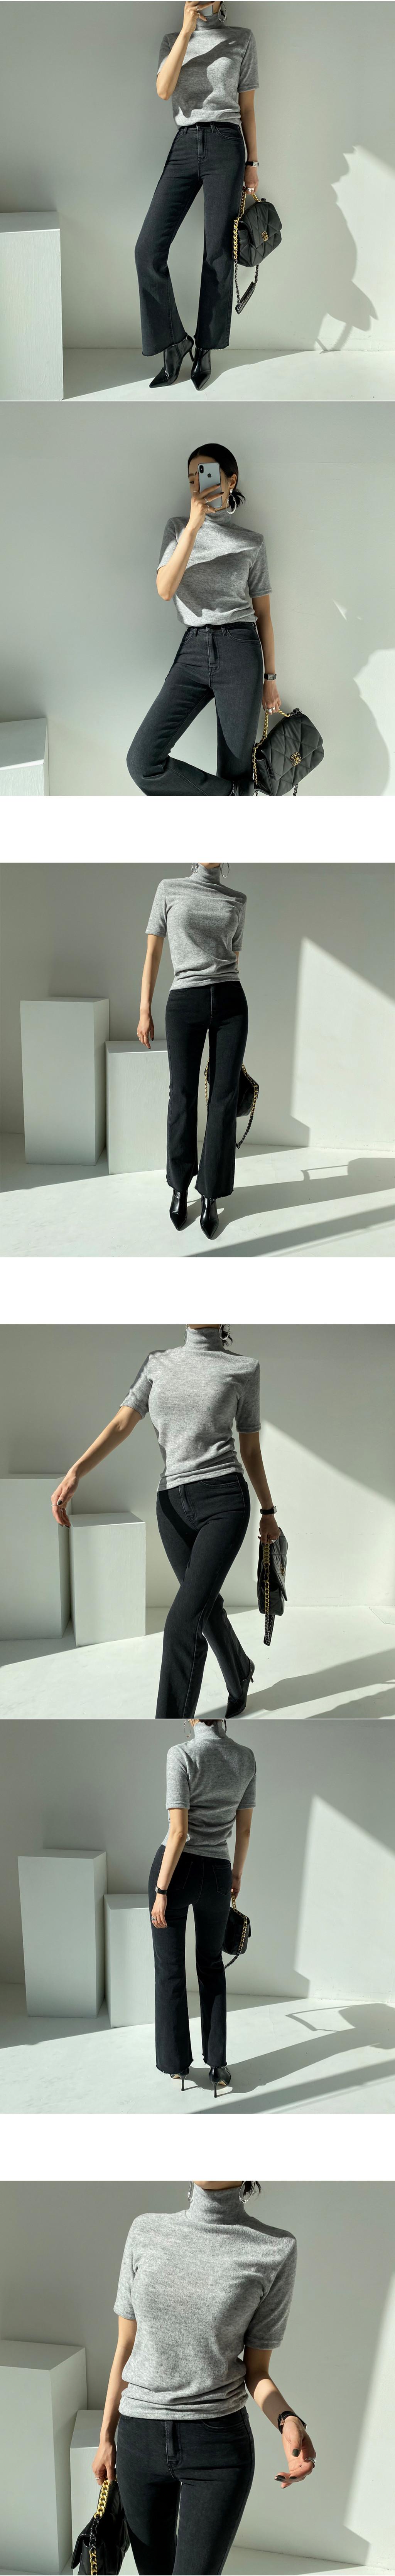 반팔 티셔츠 모델 착용 이미지-S2L4